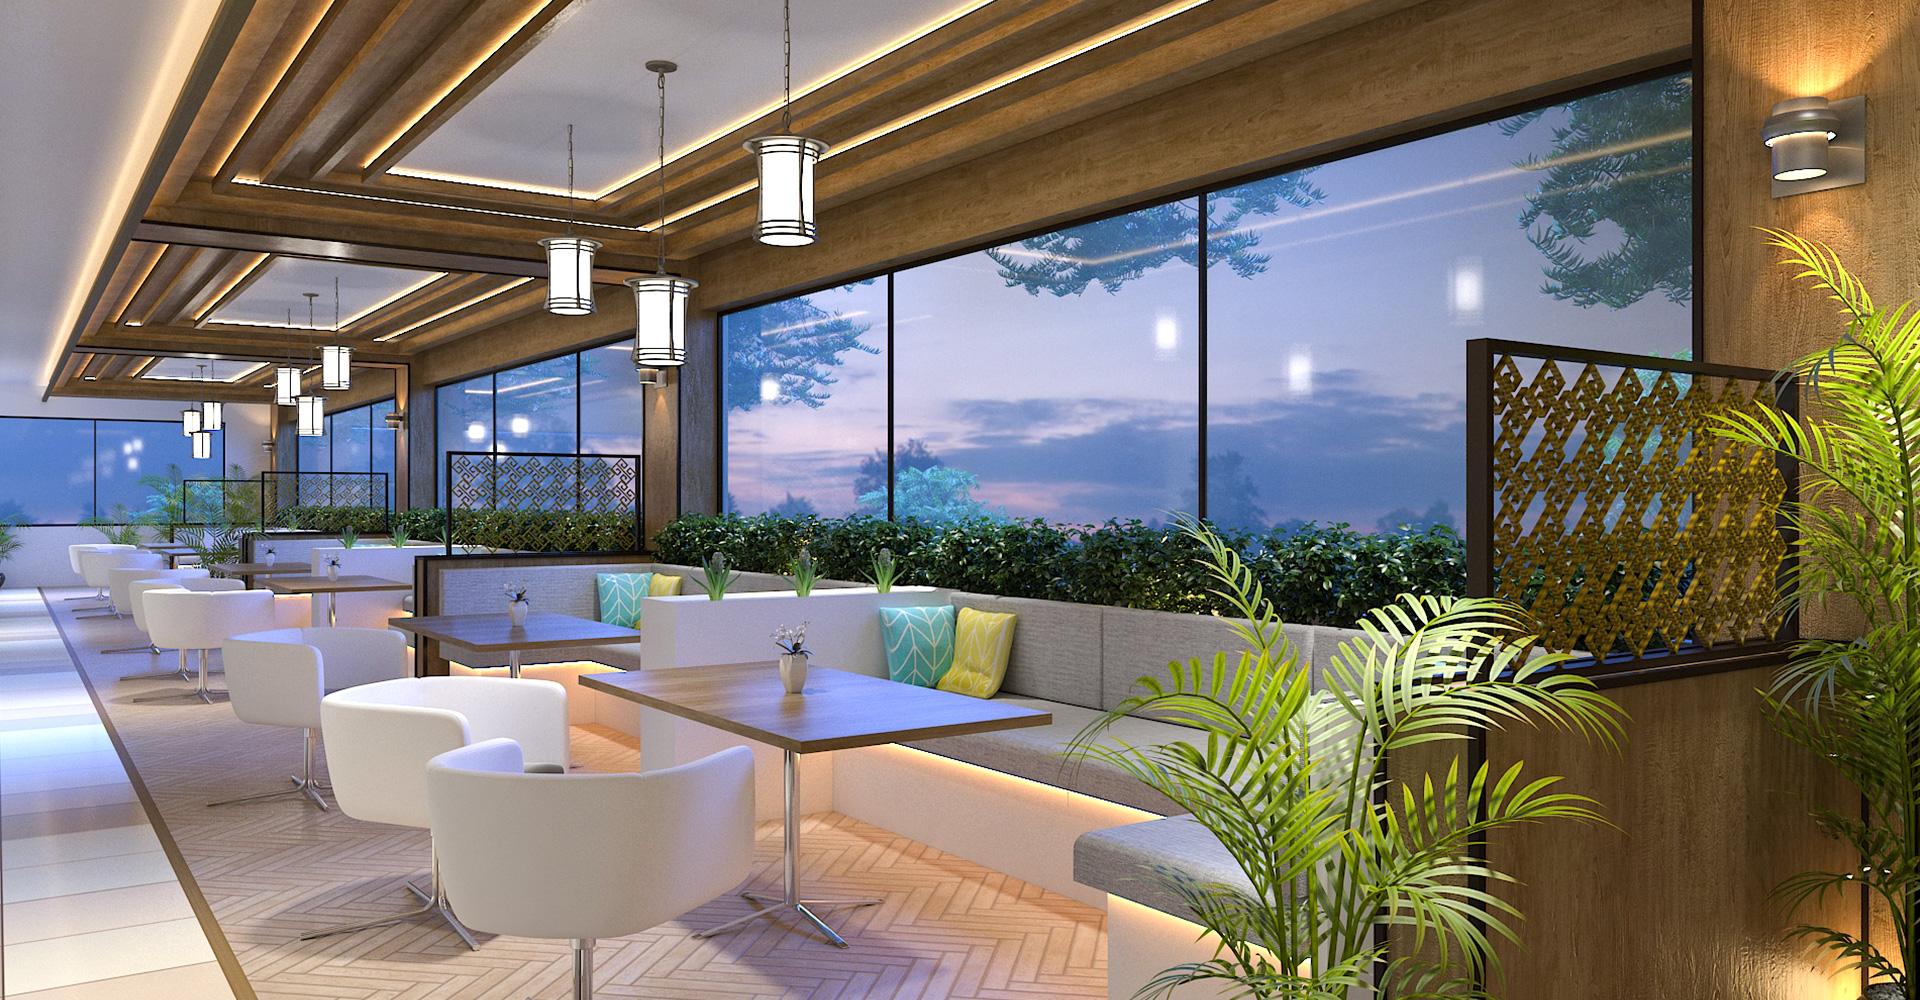 rstaurant-interior-design-hiline-lahore-portfolio-jasmine-mall-04